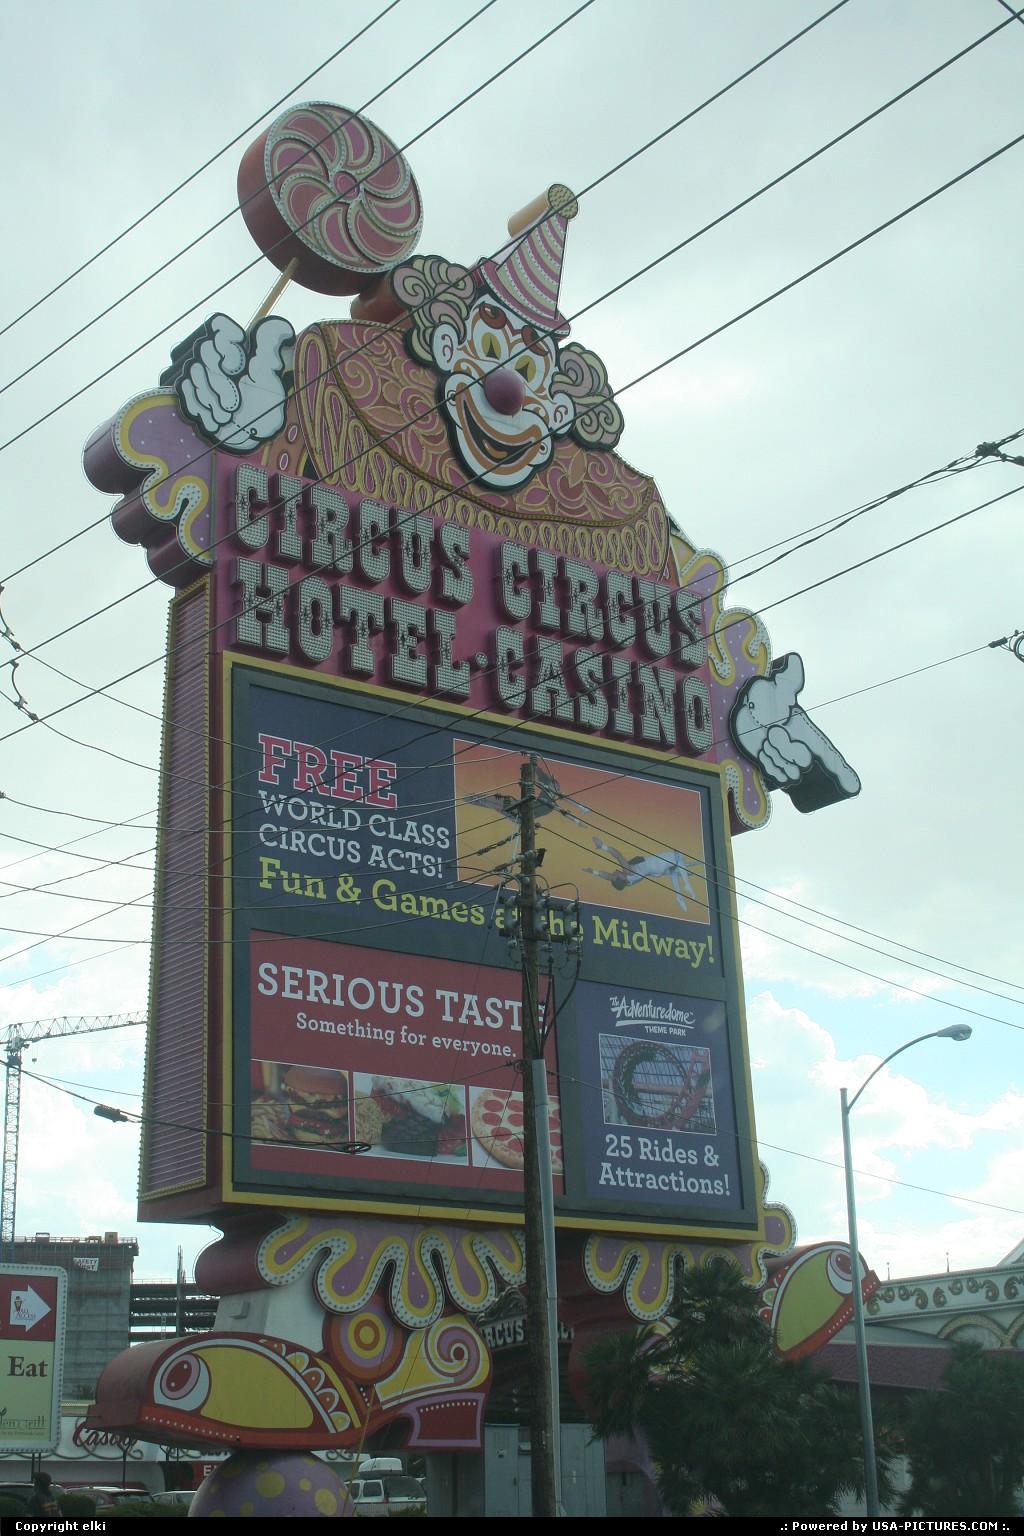 Picture by elki:Las VegasNevadalas vegas circus circus